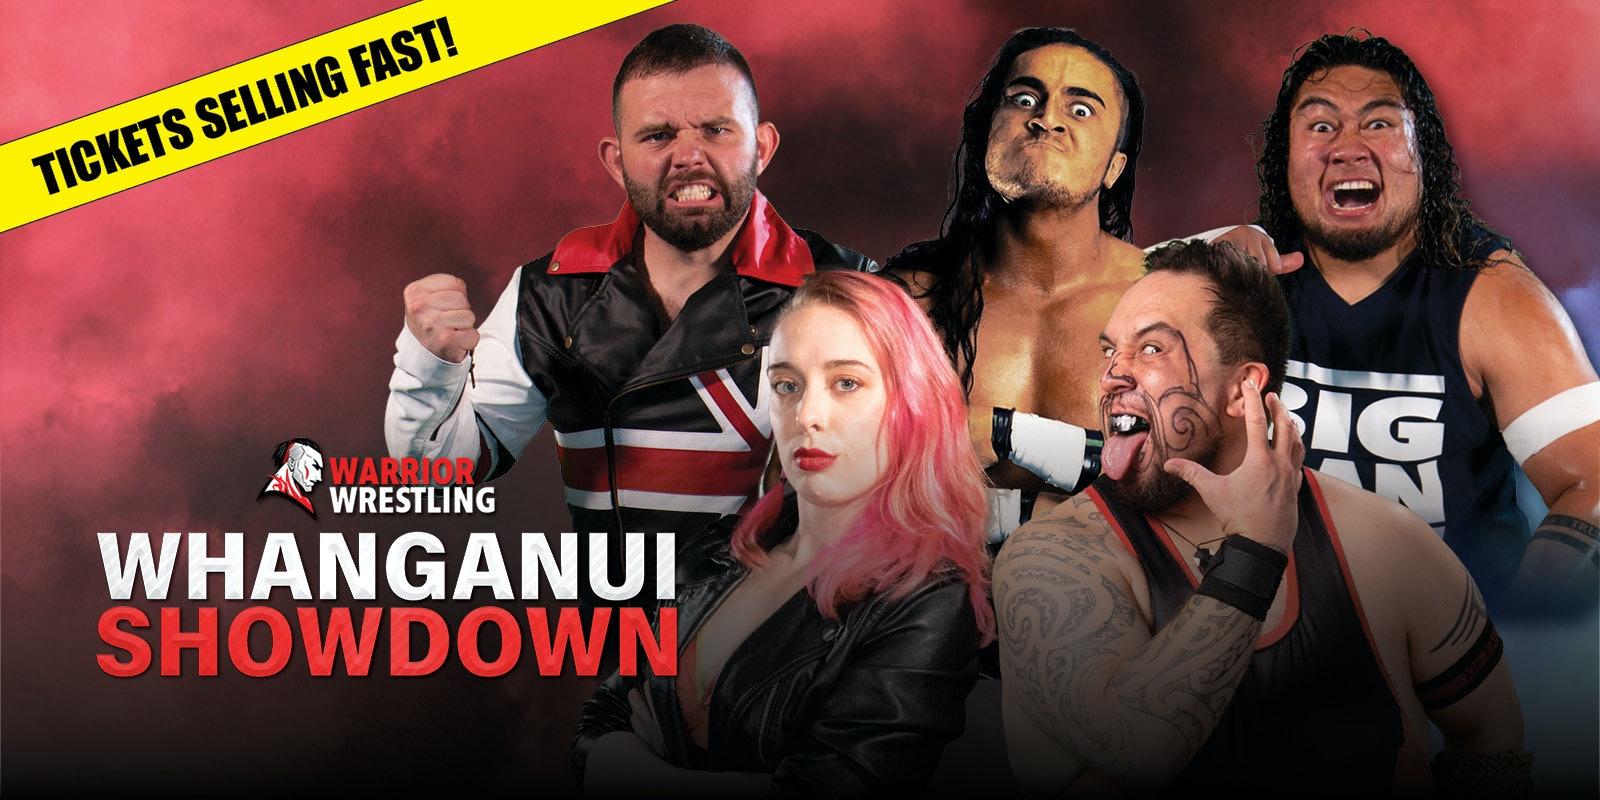 Whanganui Showdown